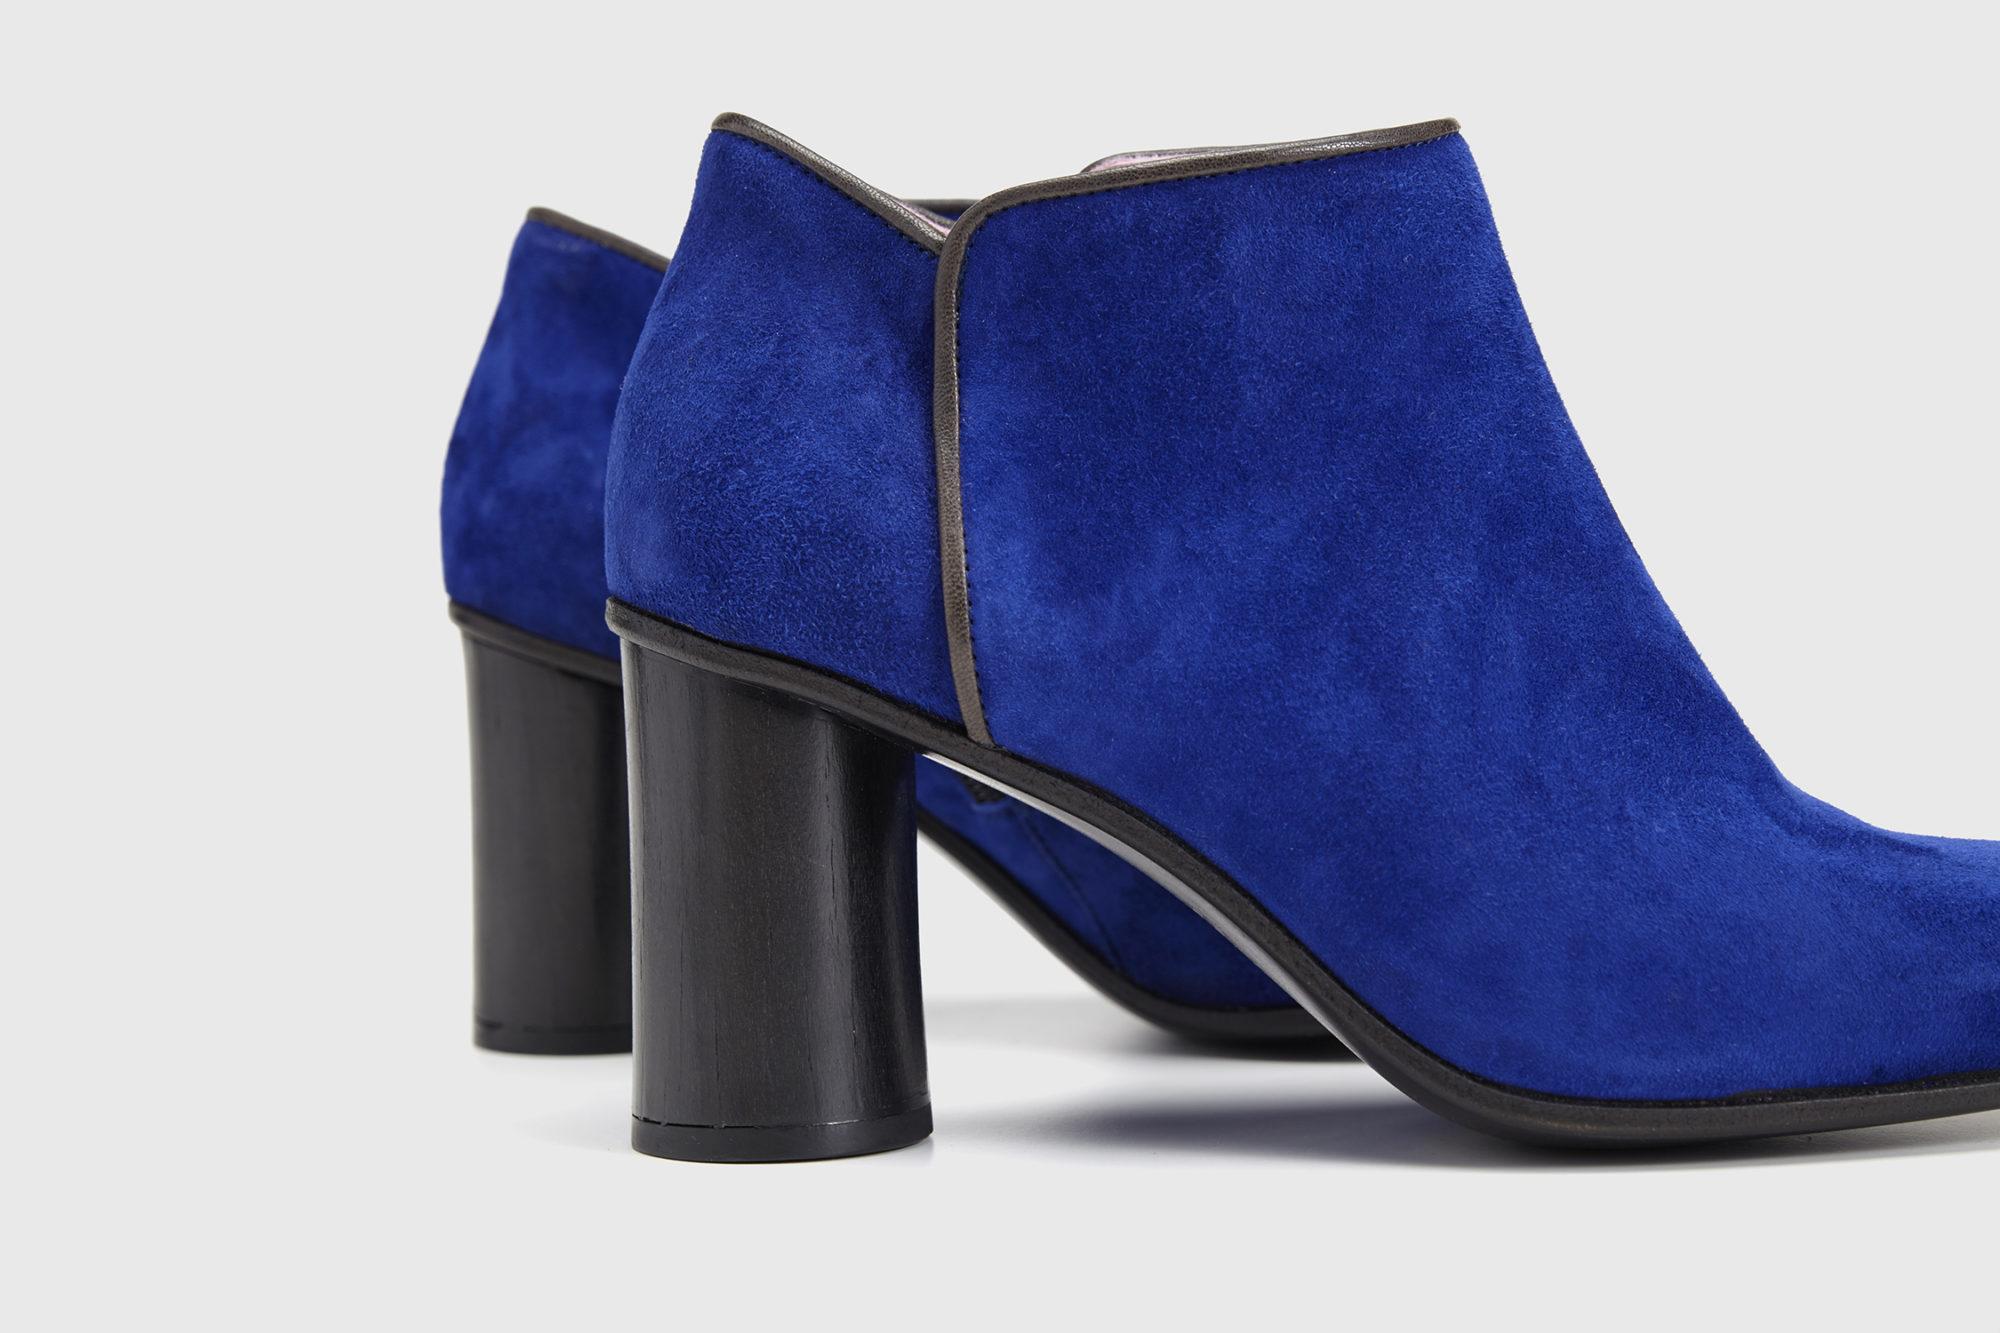 Dorotea zapato abotinado Zoe azul klein ss17 detalle